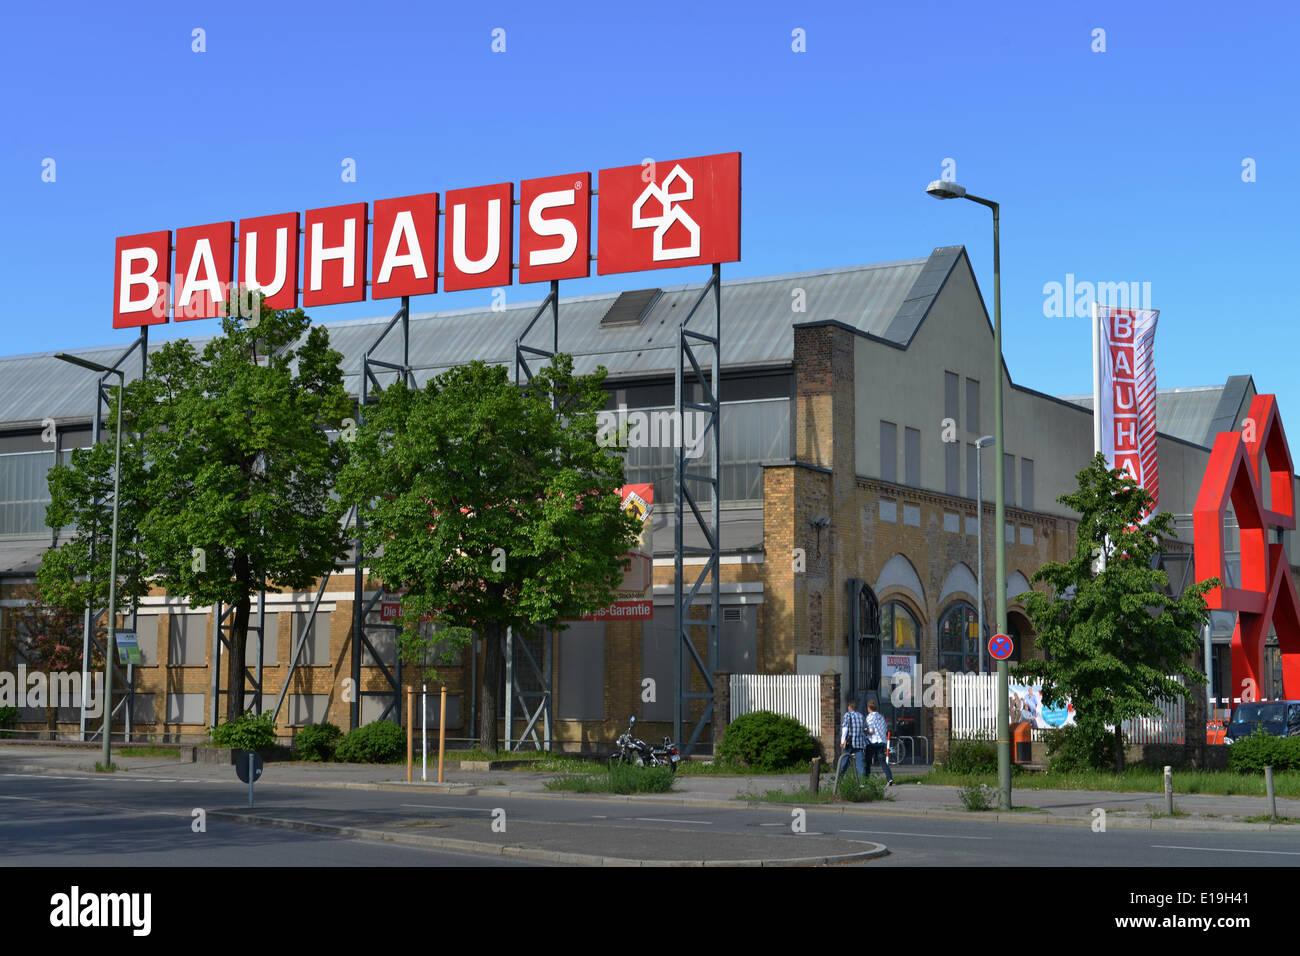 Bauhaus Schöneberg bauhaus alboinstrasse schöneberg berlin deutschland